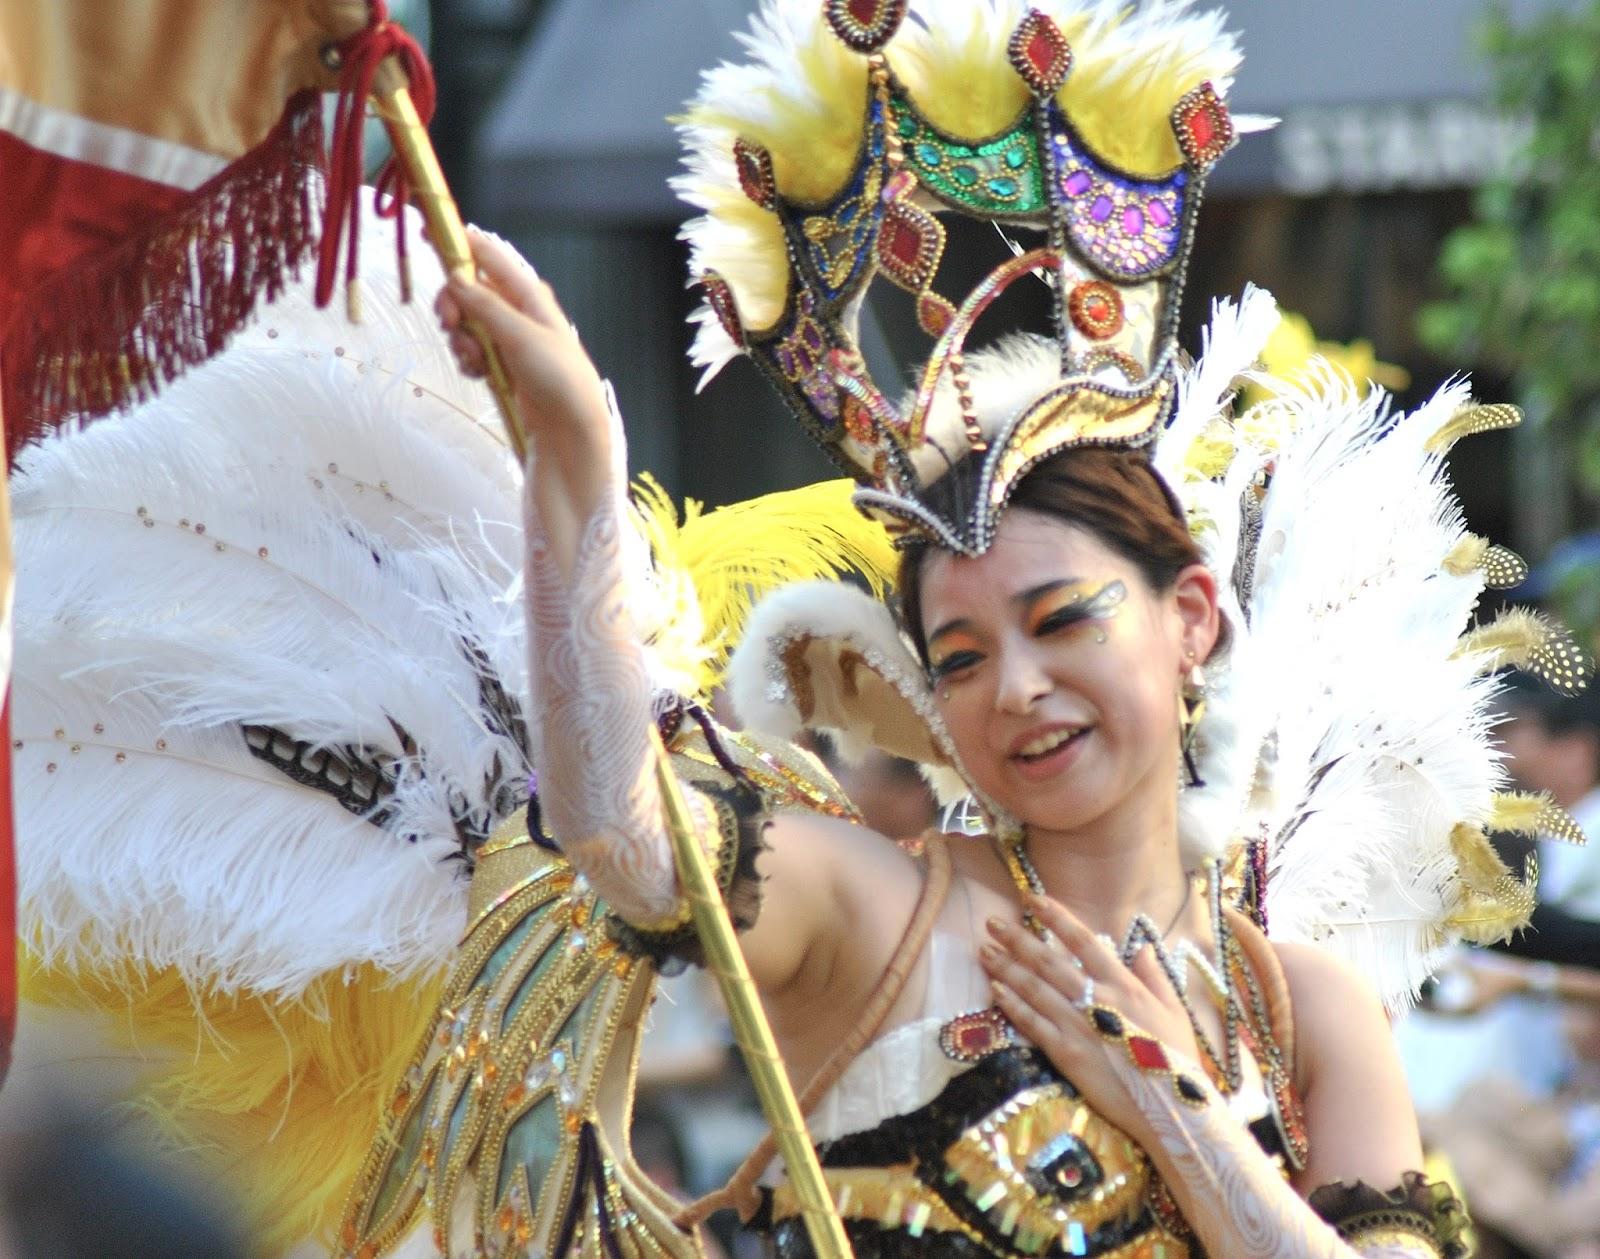 Asakusa Samba Carnival 2013 - Japanese Samba: Sexy&Weird.